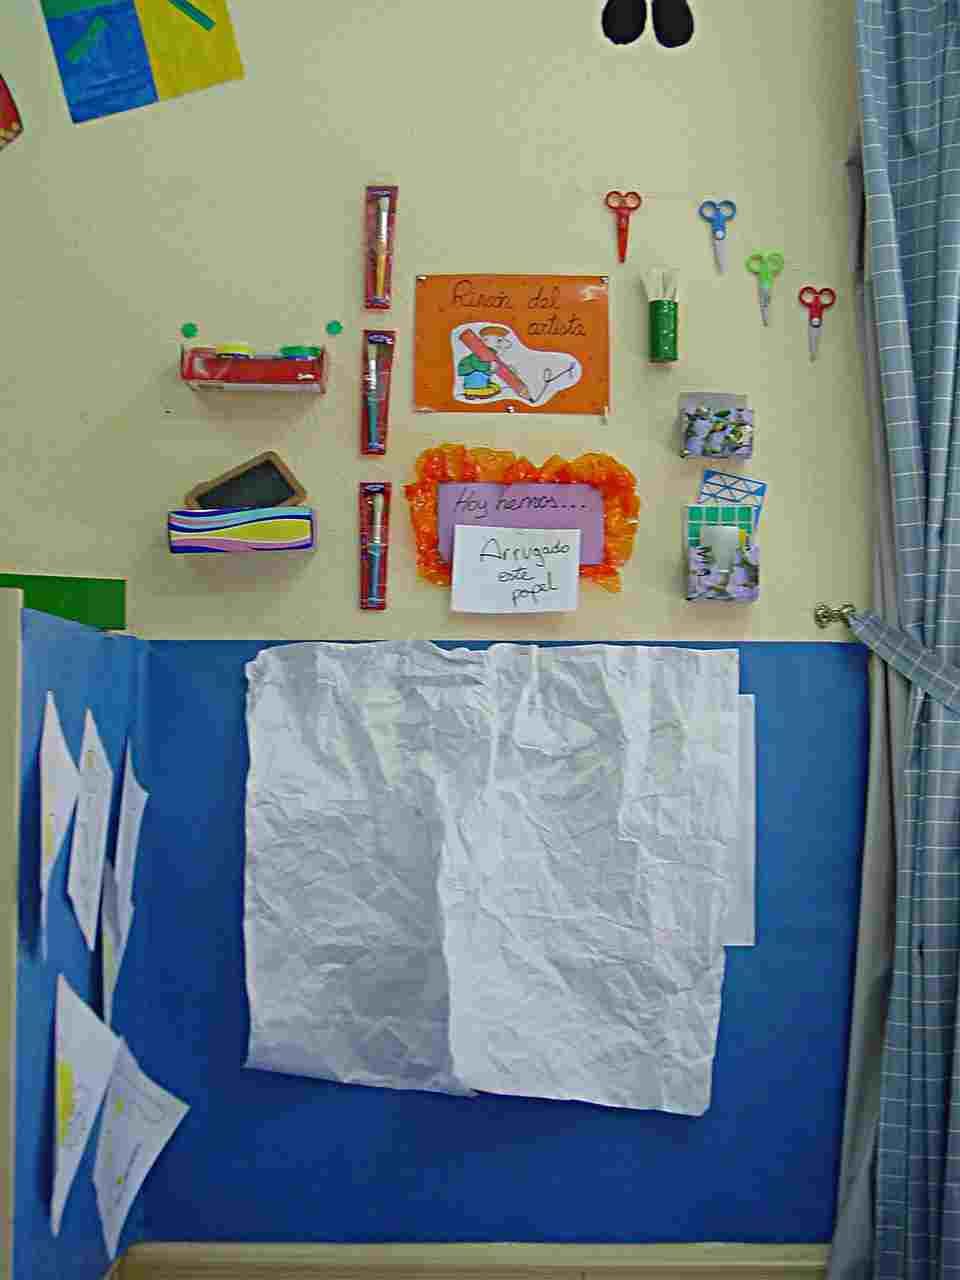 Rincones de juegos en el aula - El rincon del sibarita ...